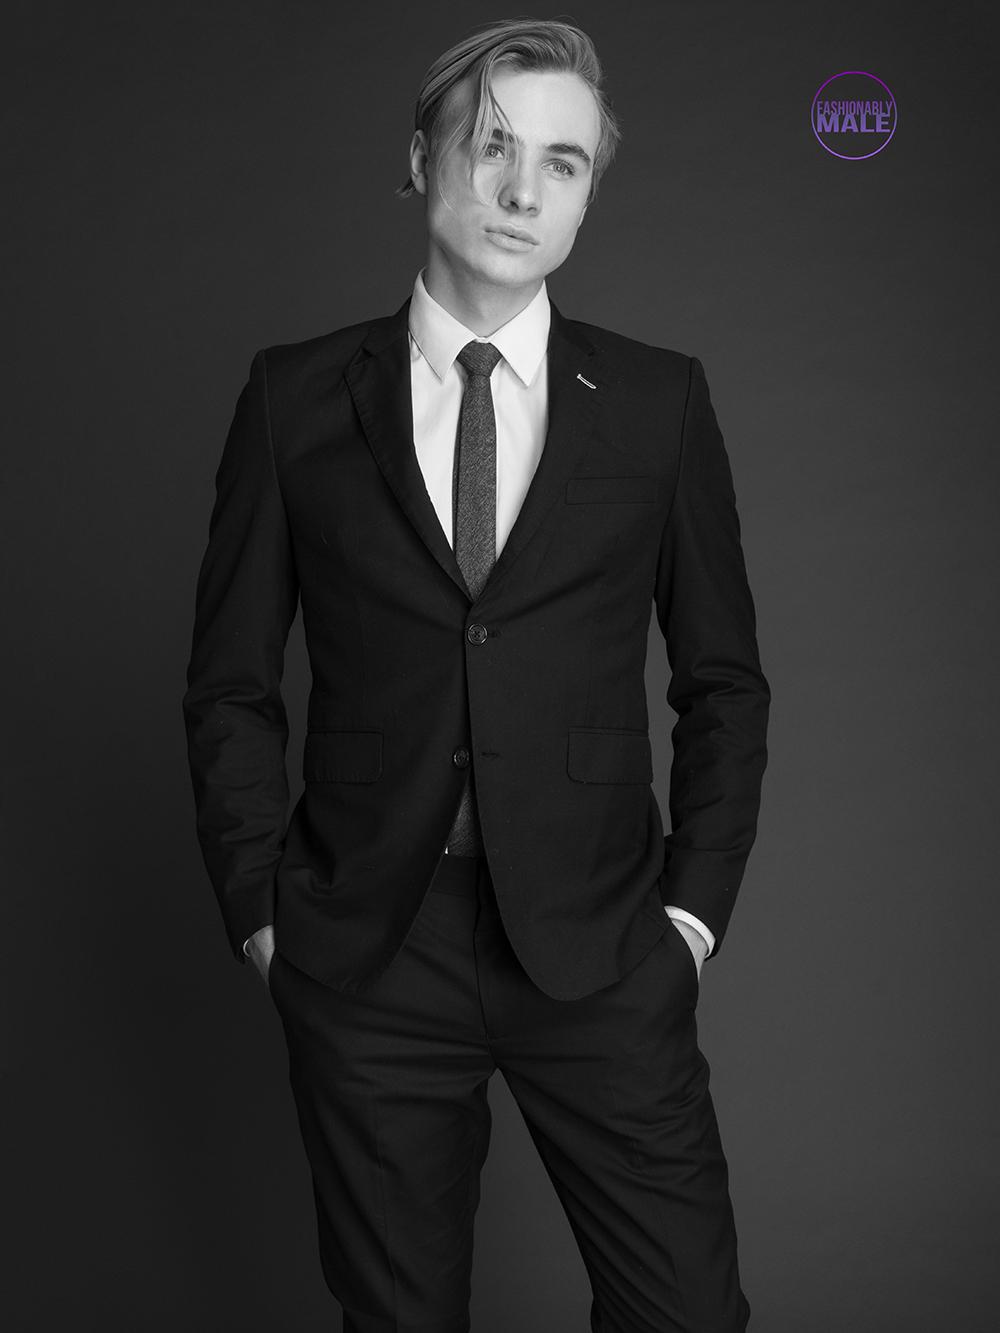 FashionablyMale ALEX CARRABRE (5)